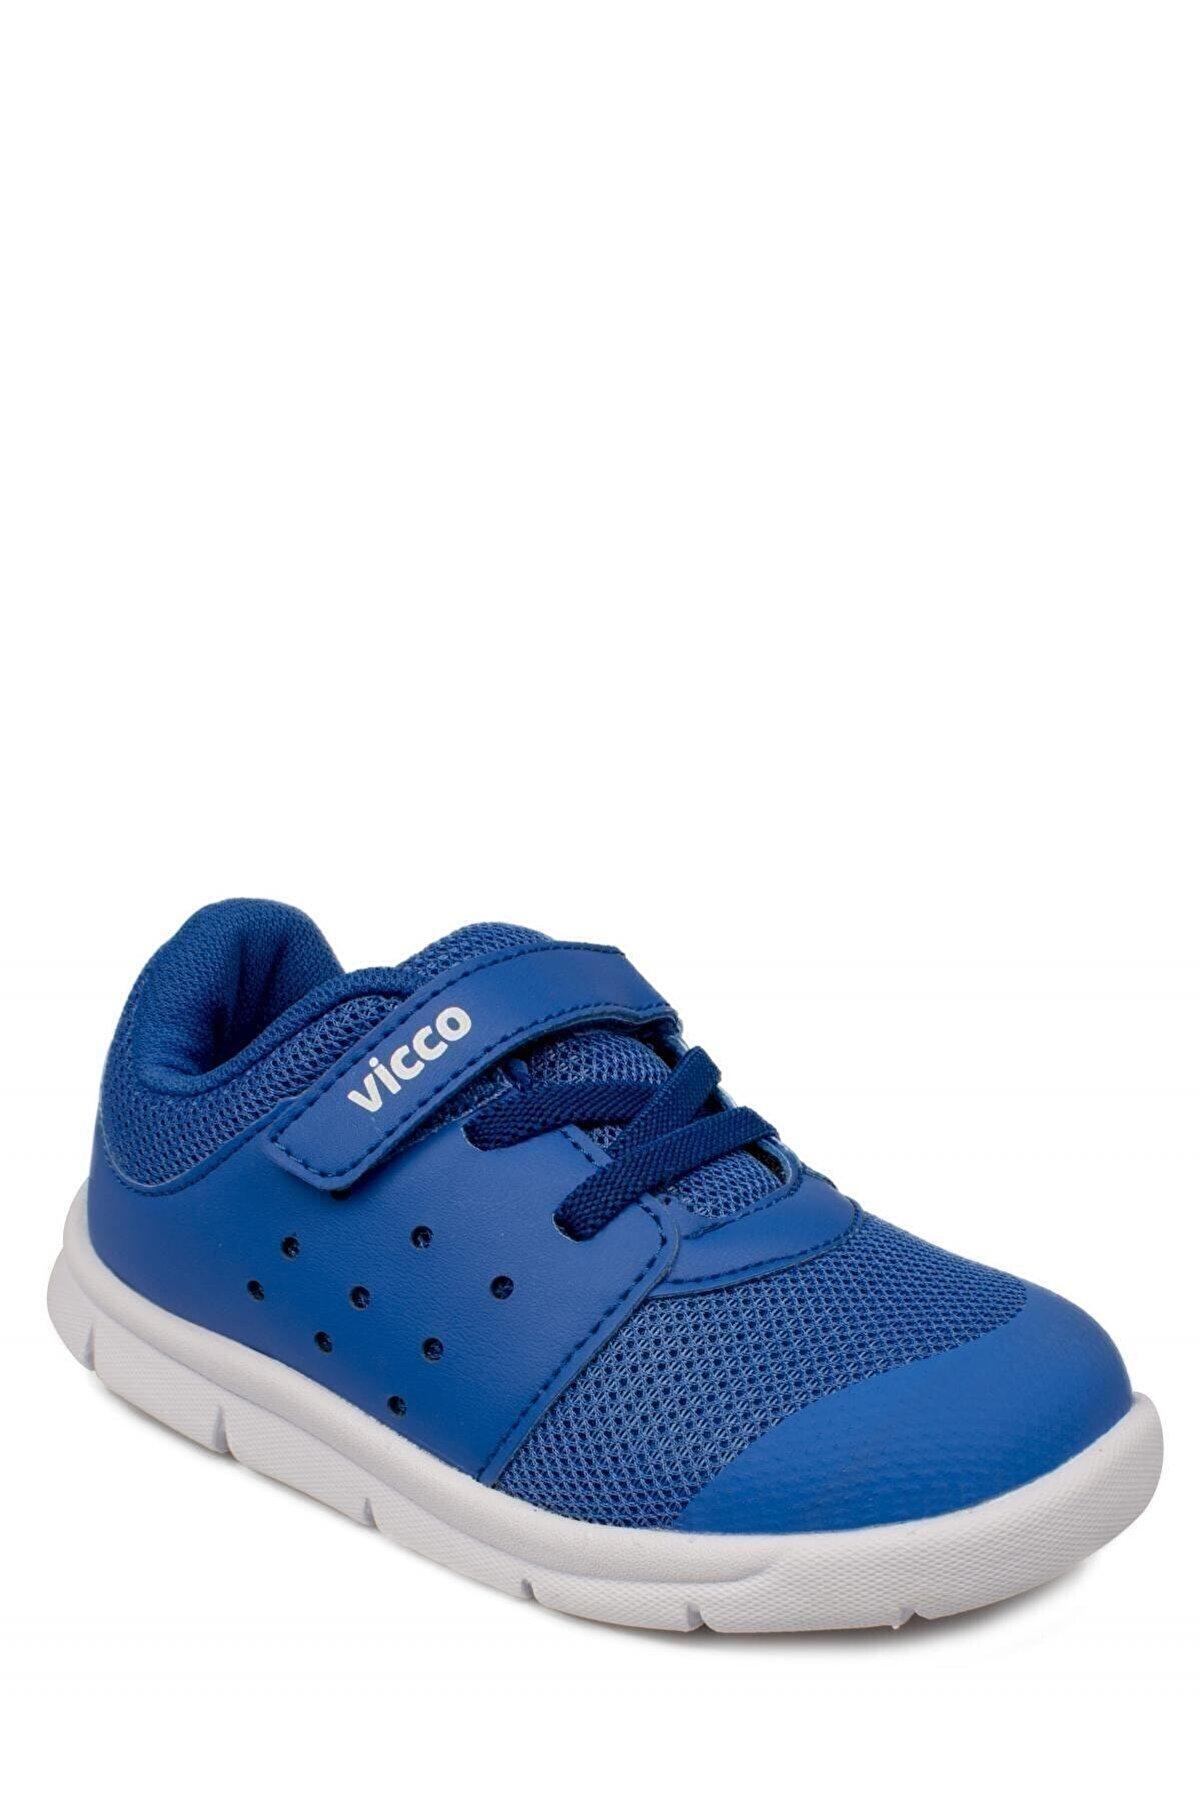 Vicco Bebe Phylon Mavi Çocuk Spor Ayakkabı